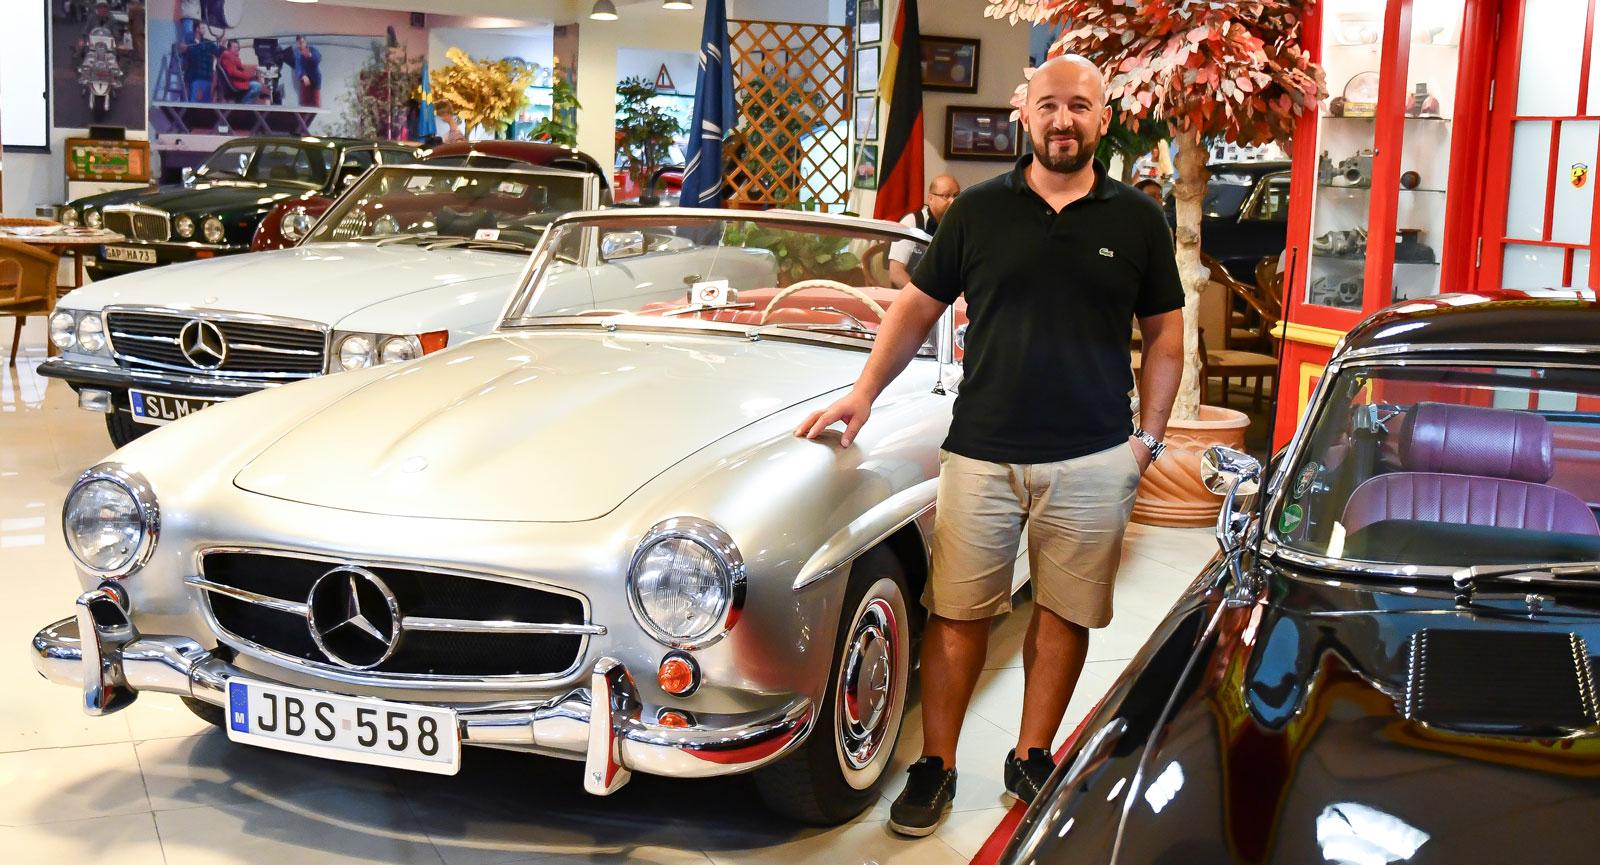 Mark Galea visar en av de välputsade favoriterna på bilmuseet.